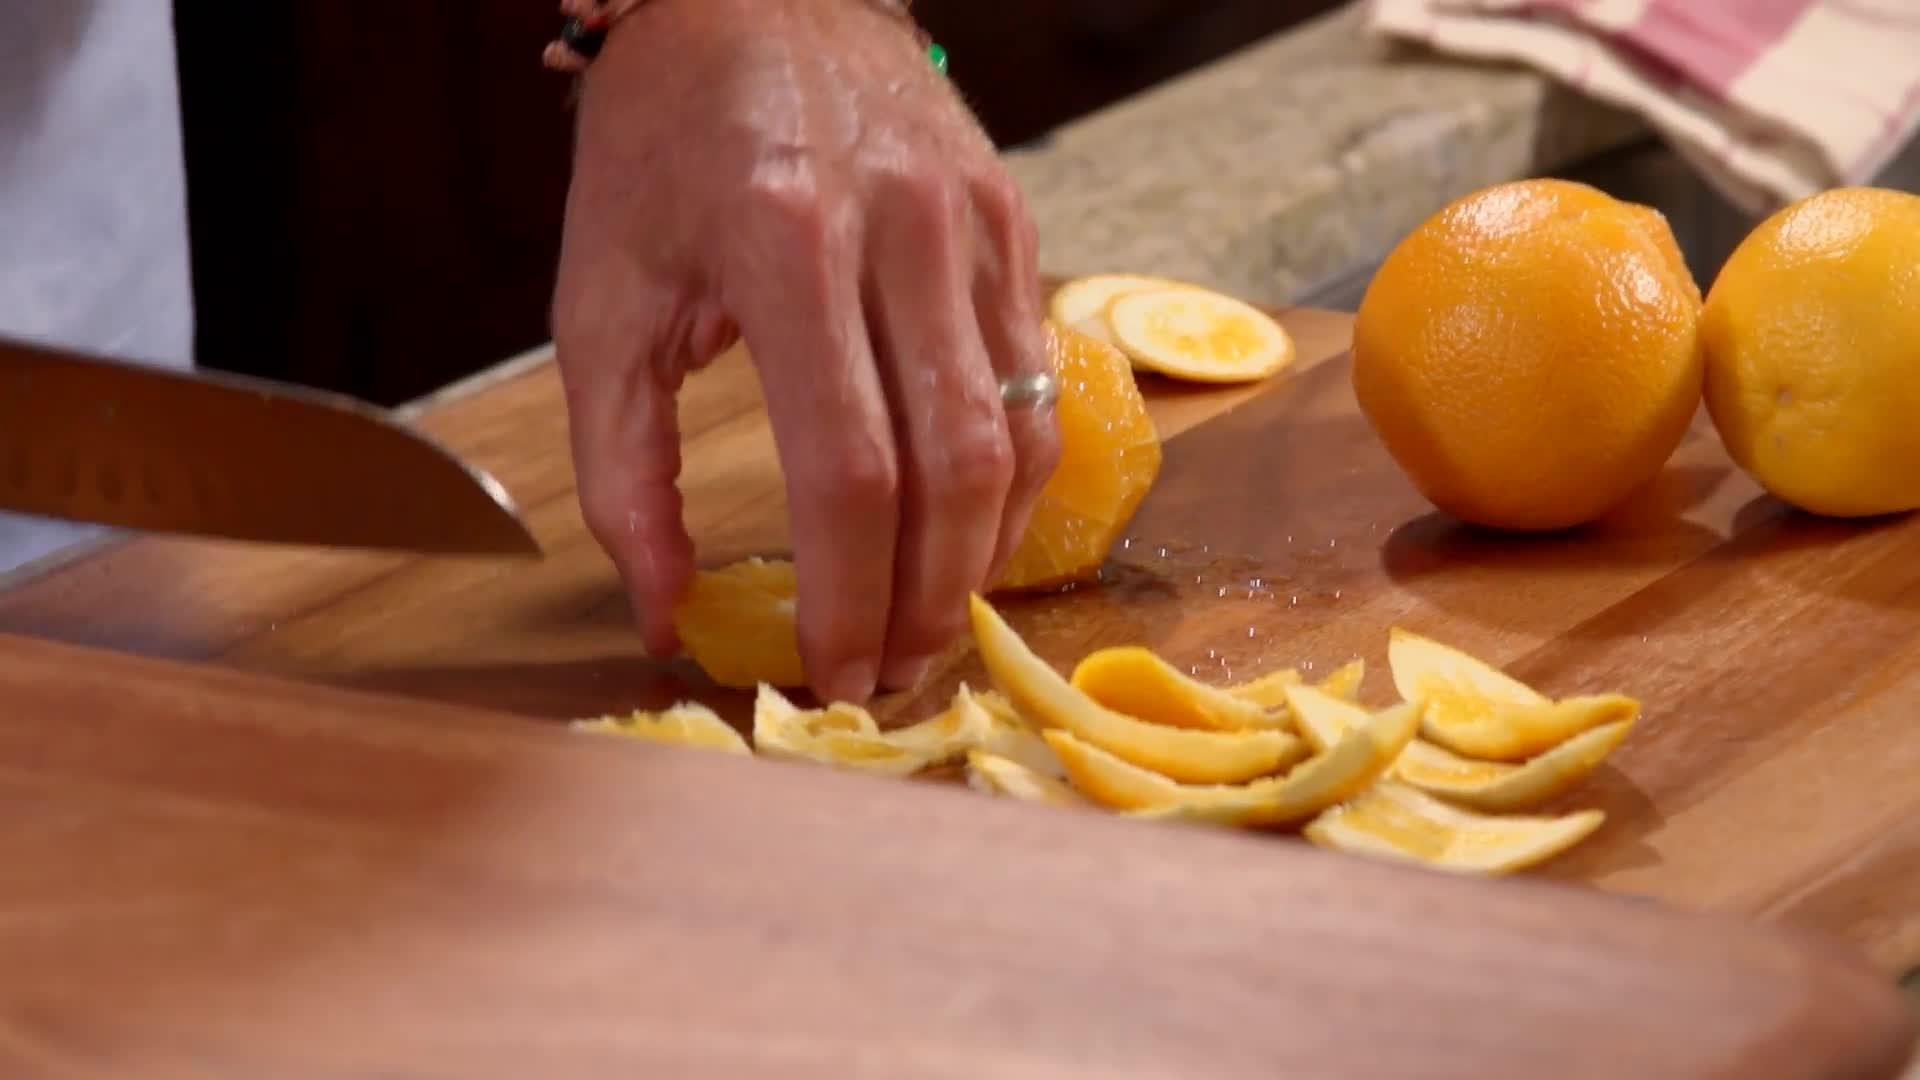 How to Segment an Orange thumbnail